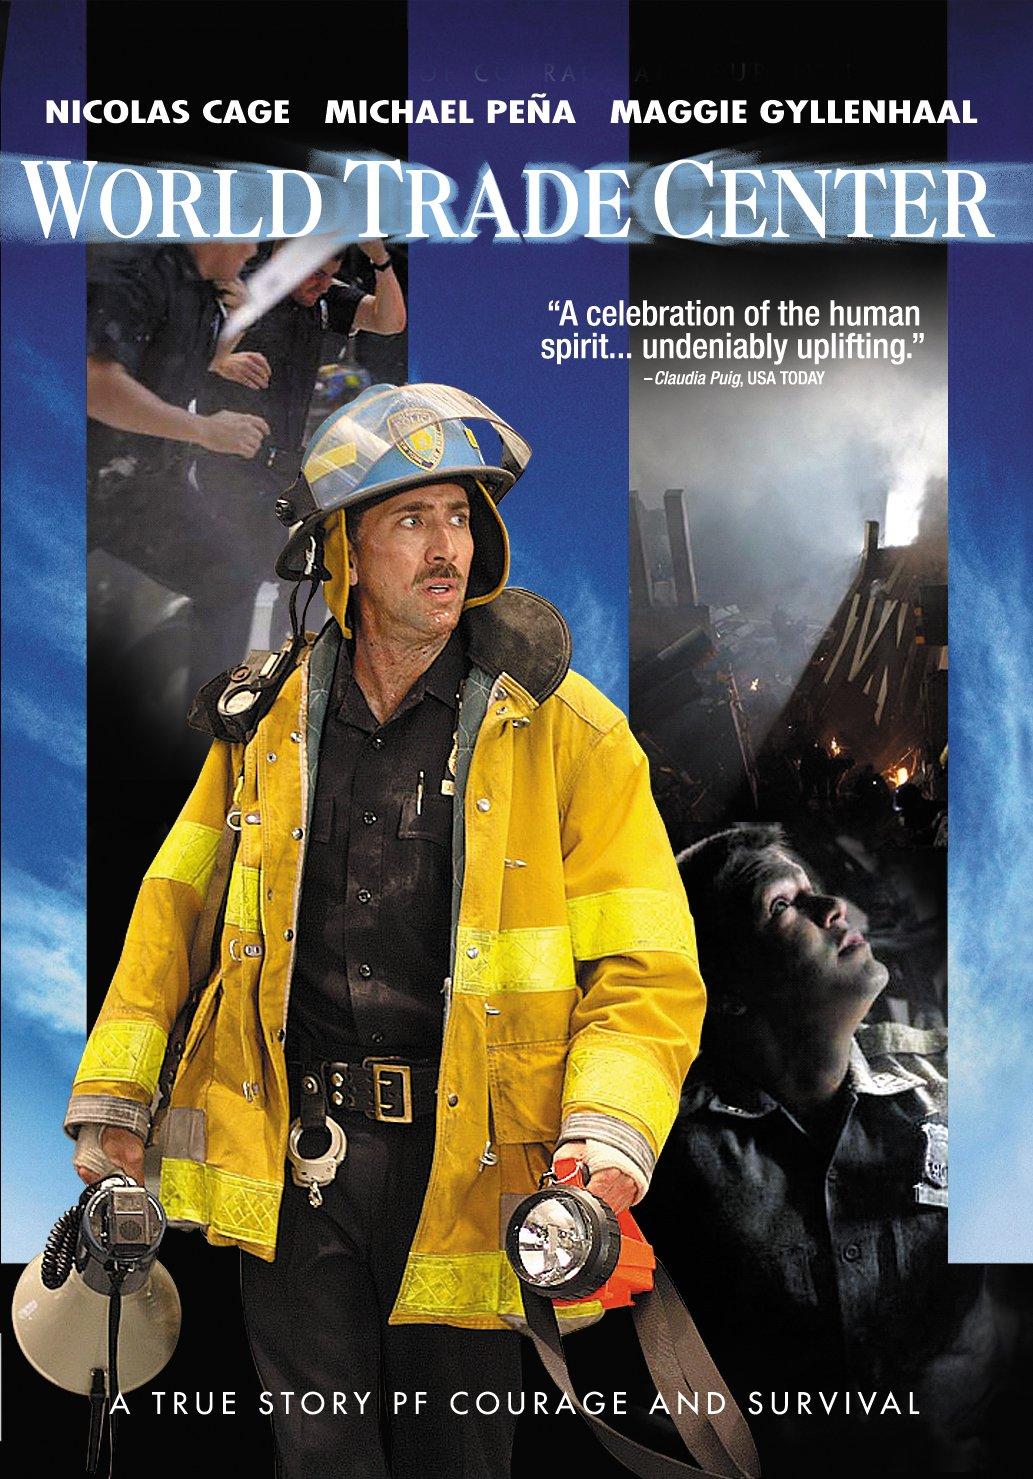 World Trade Center Photos - World Trade Center Images ...